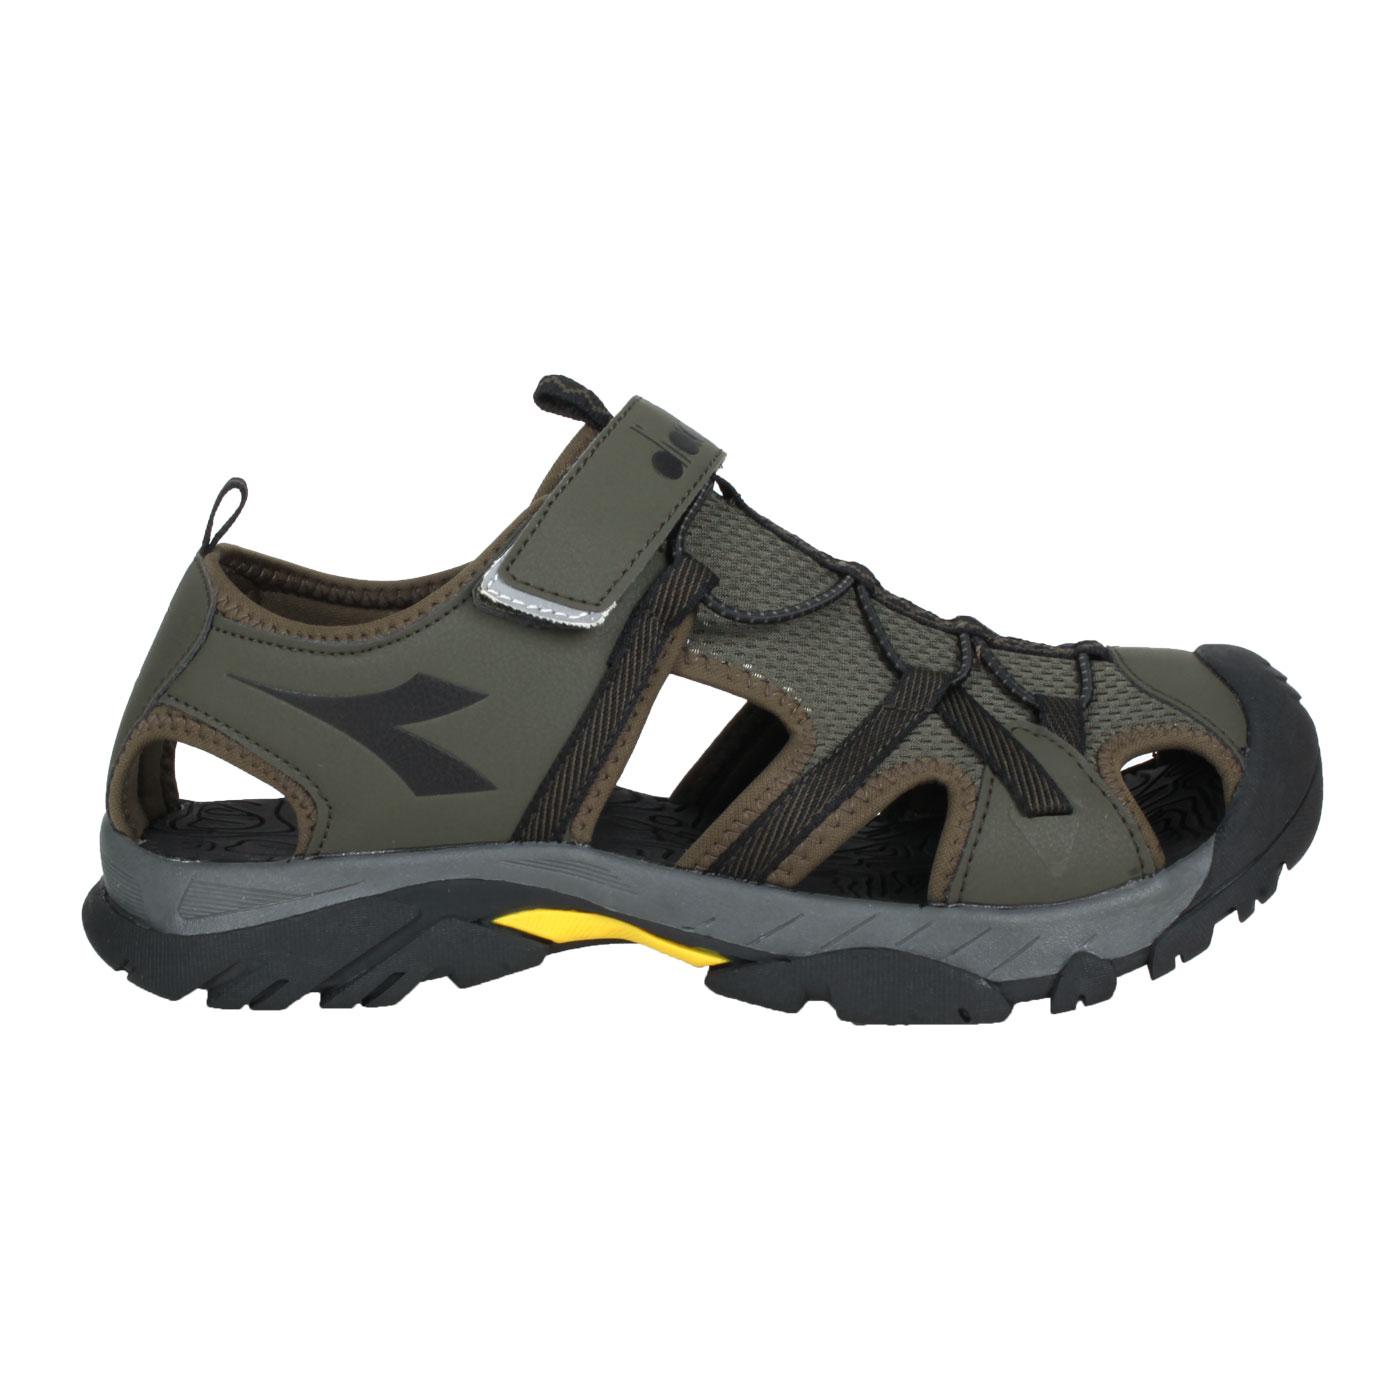 DIADORA 男款護趾運動涼鞋 DA71197 - 軍綠黑